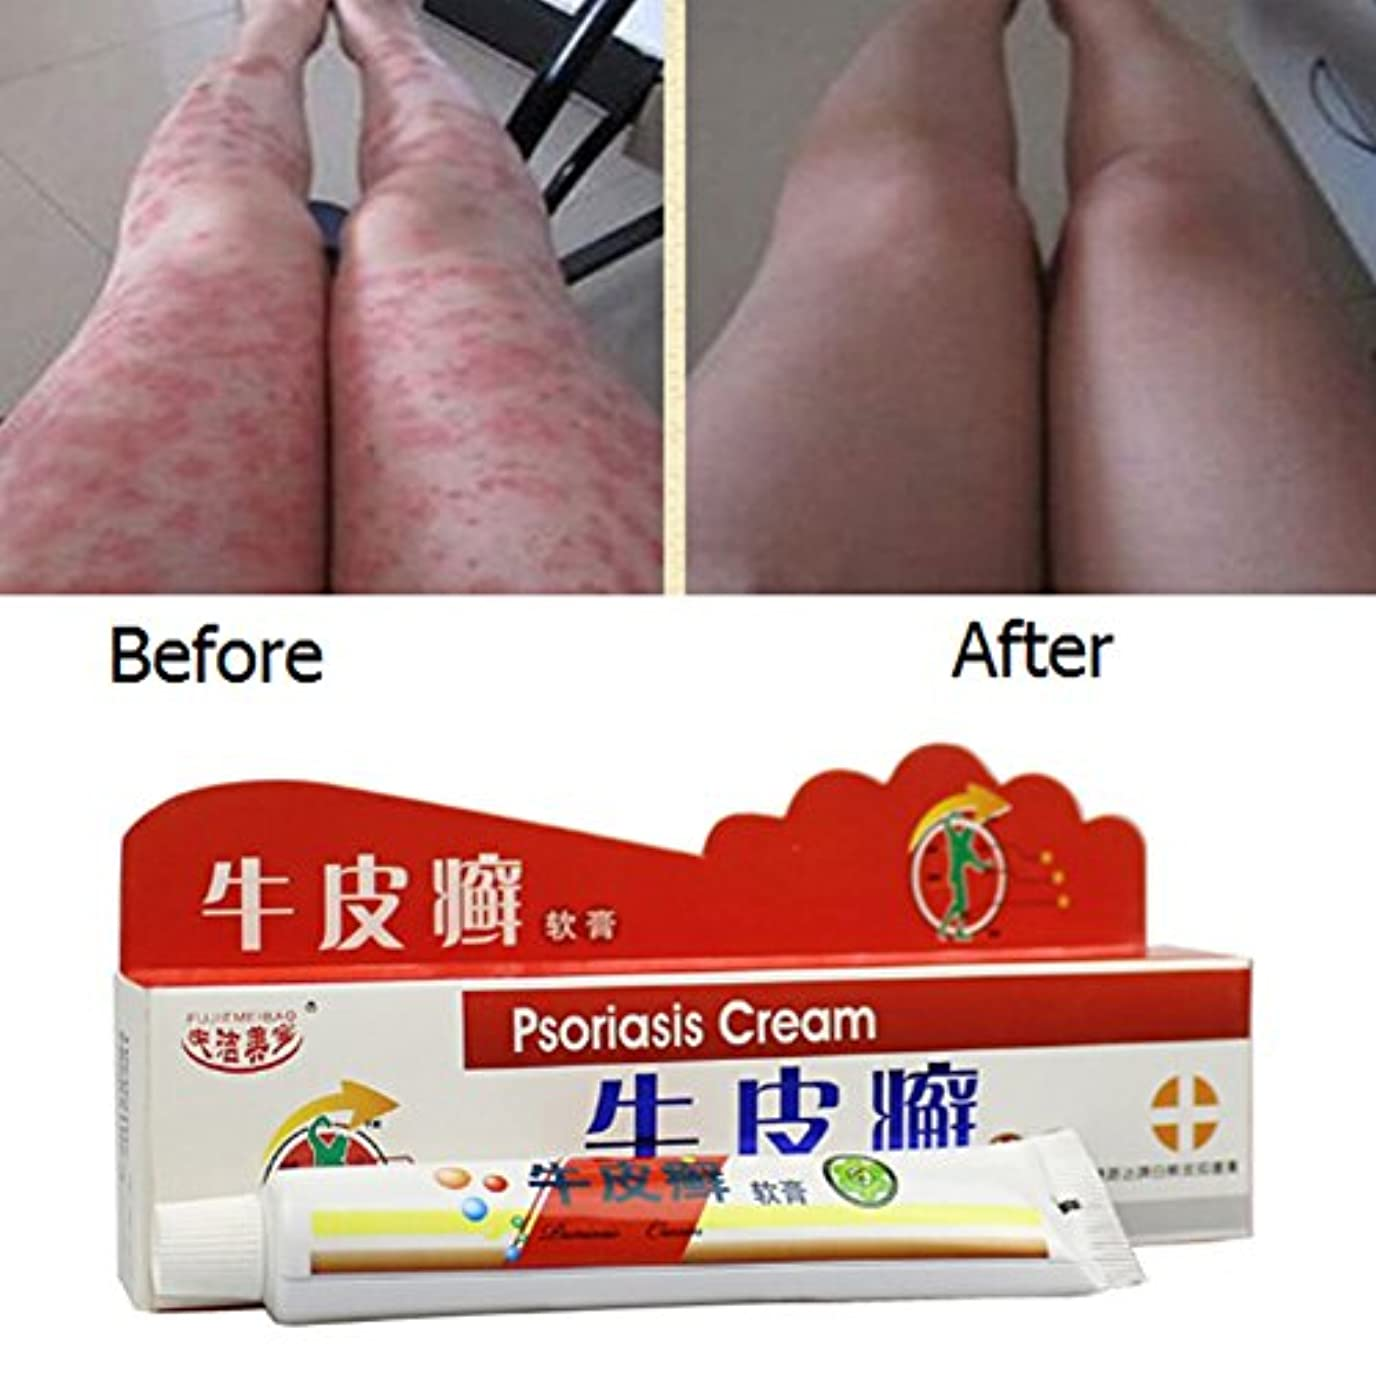 共和国と遊ぶ下線Balai 乾癬クリーム 中国のハーブ抗菌軟膏クリーム 湿疹乾癬 治療かゆみ止めクリーム